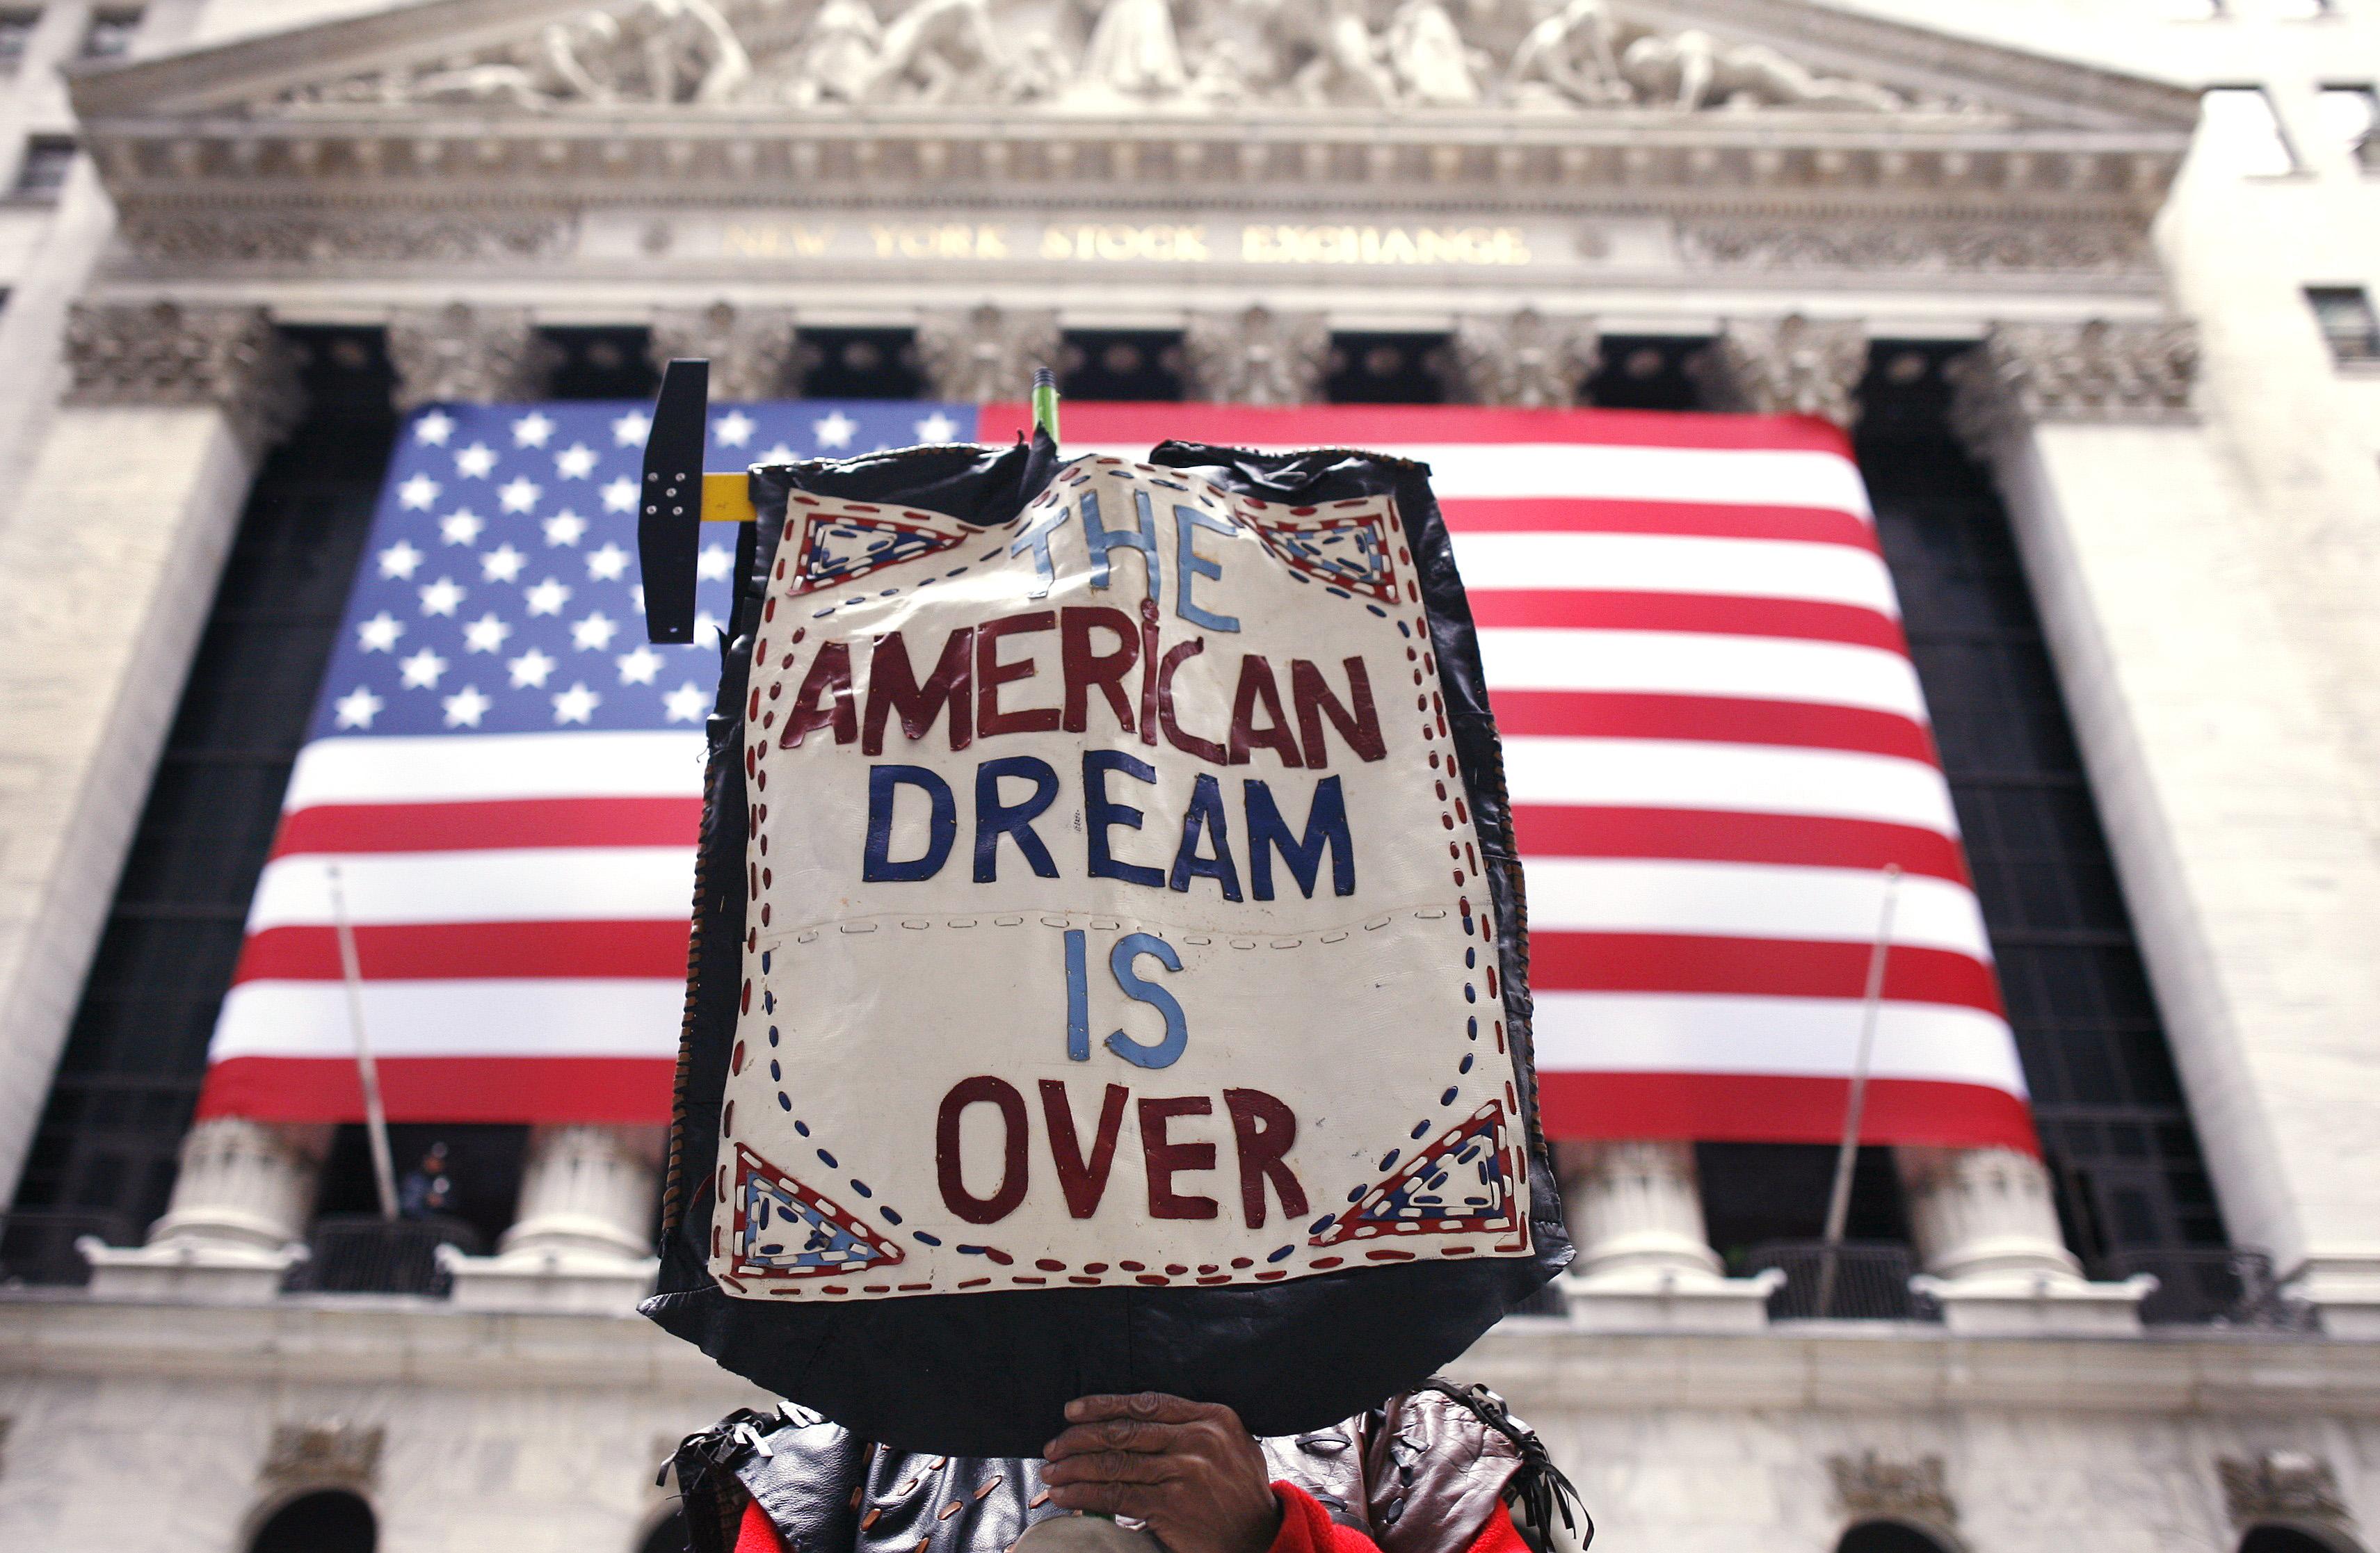 faglie sociali USA disuguaglianza povertà modello